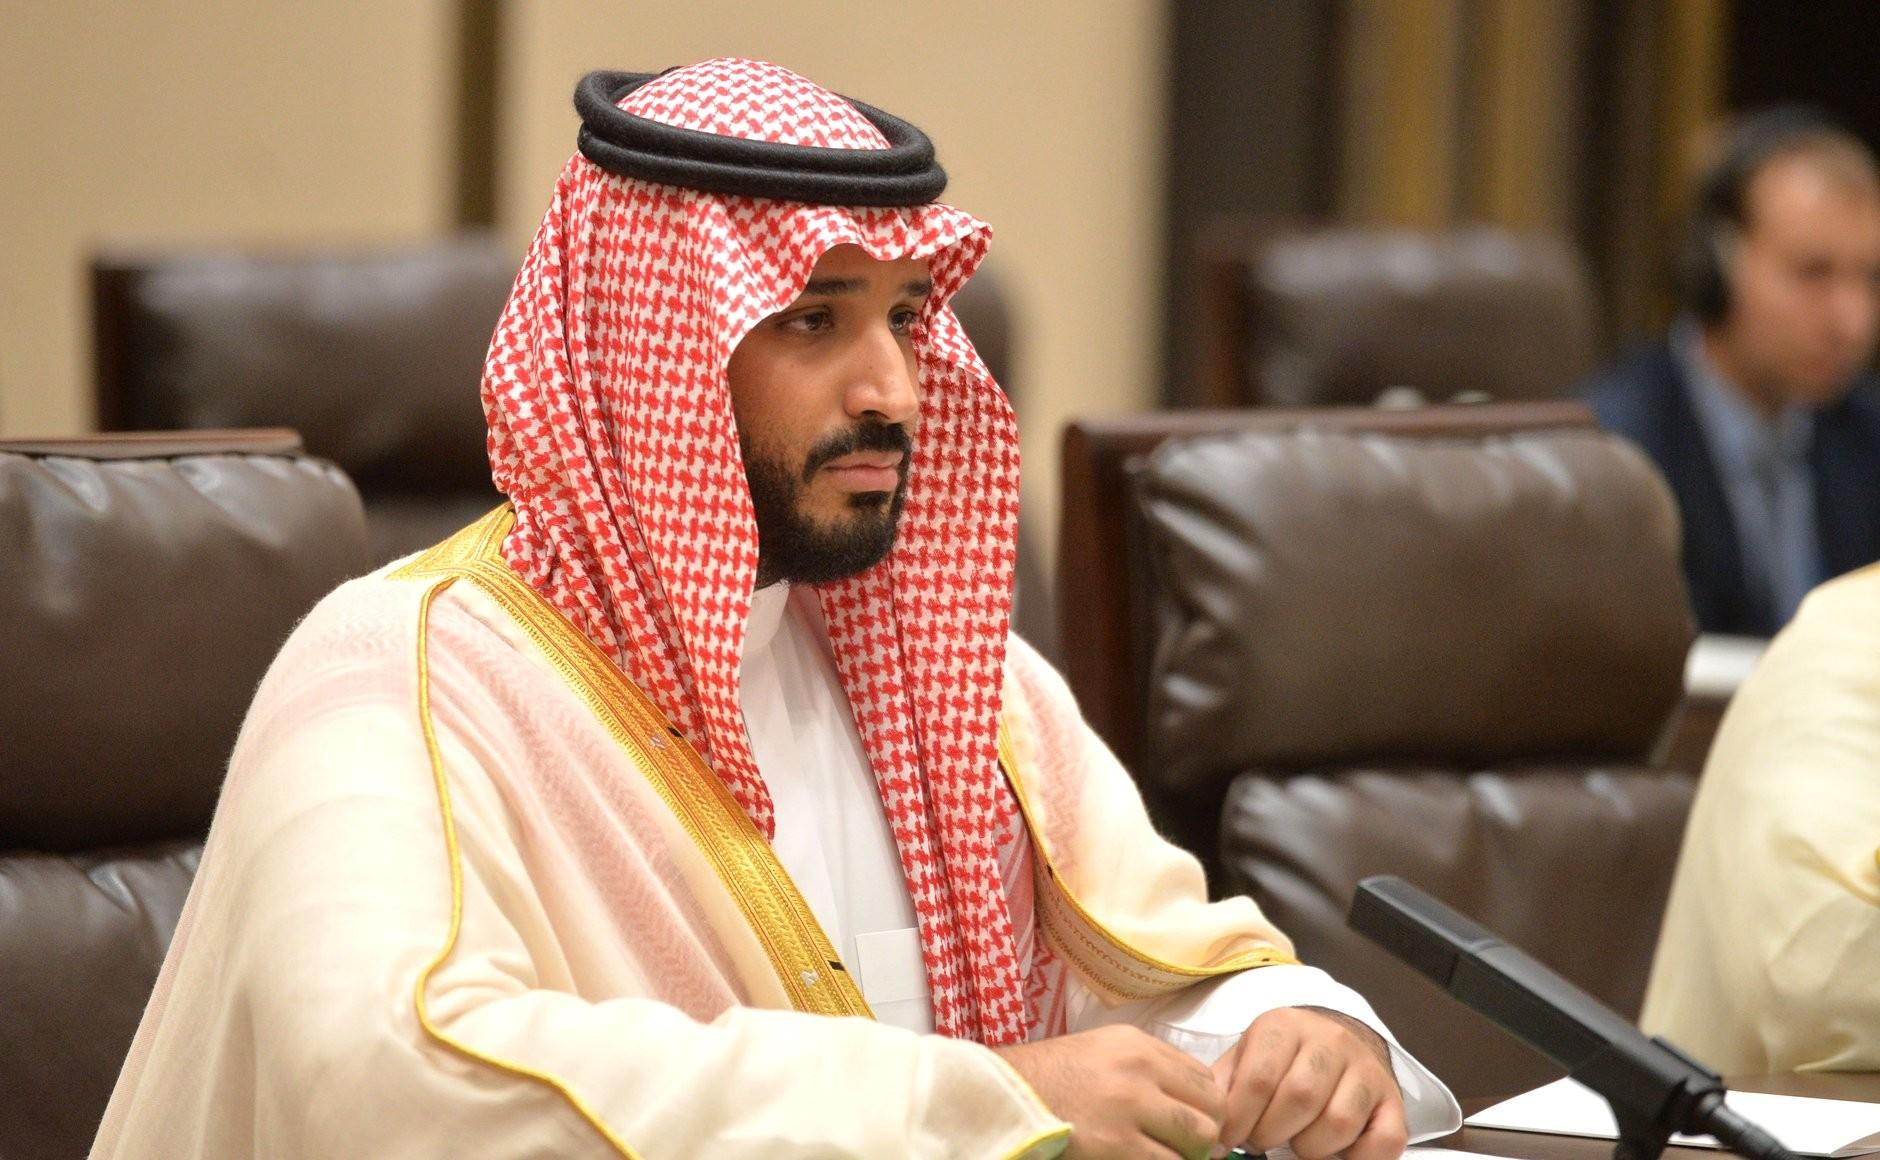 الأمير محمد بن سلمان ولي عهد المملكة العربية السعودية